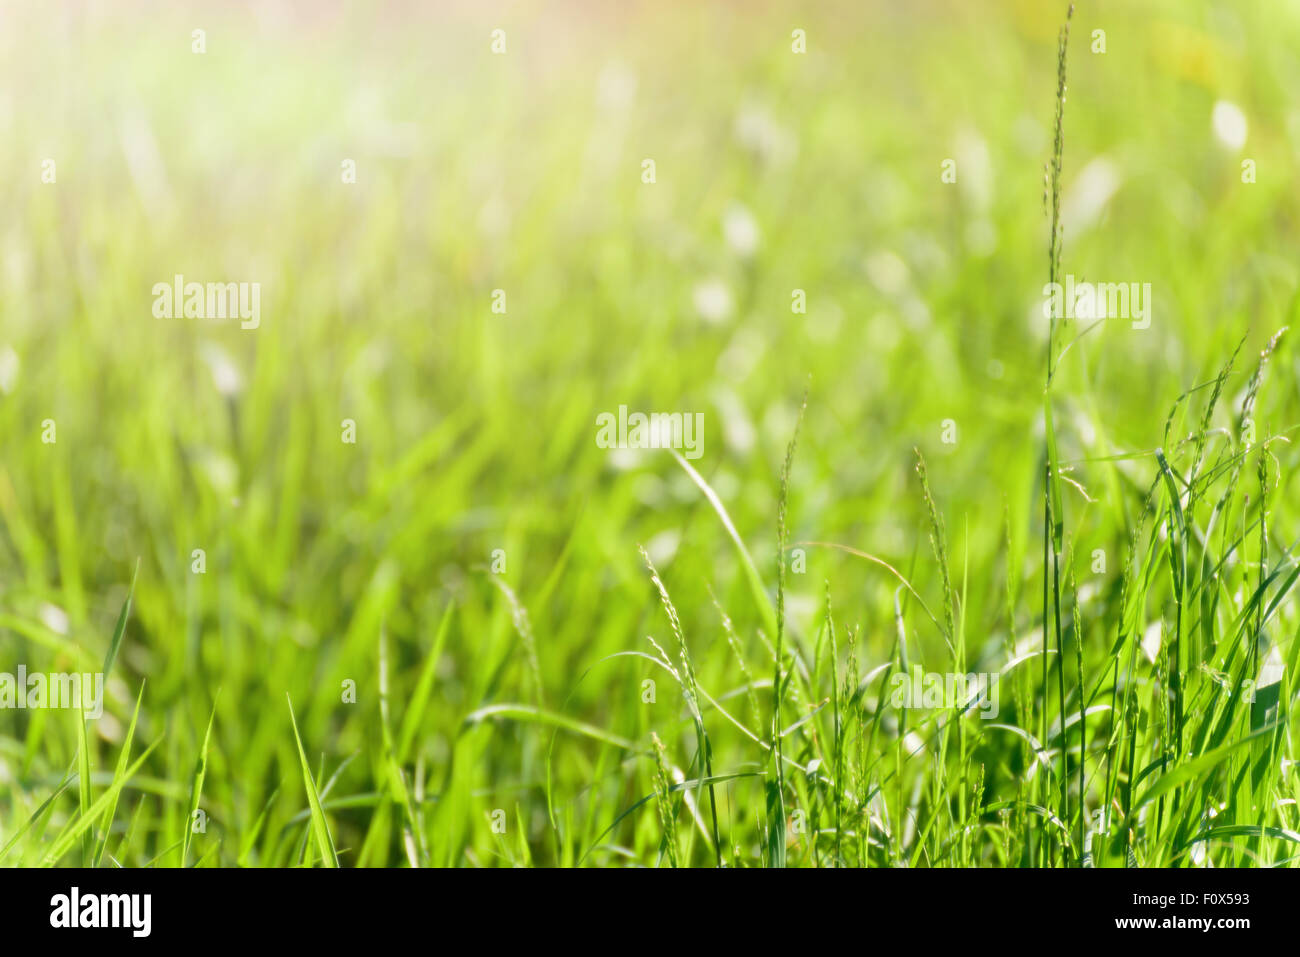 Sfocatura morbida erba verde sullo sfondo Immagini Stock